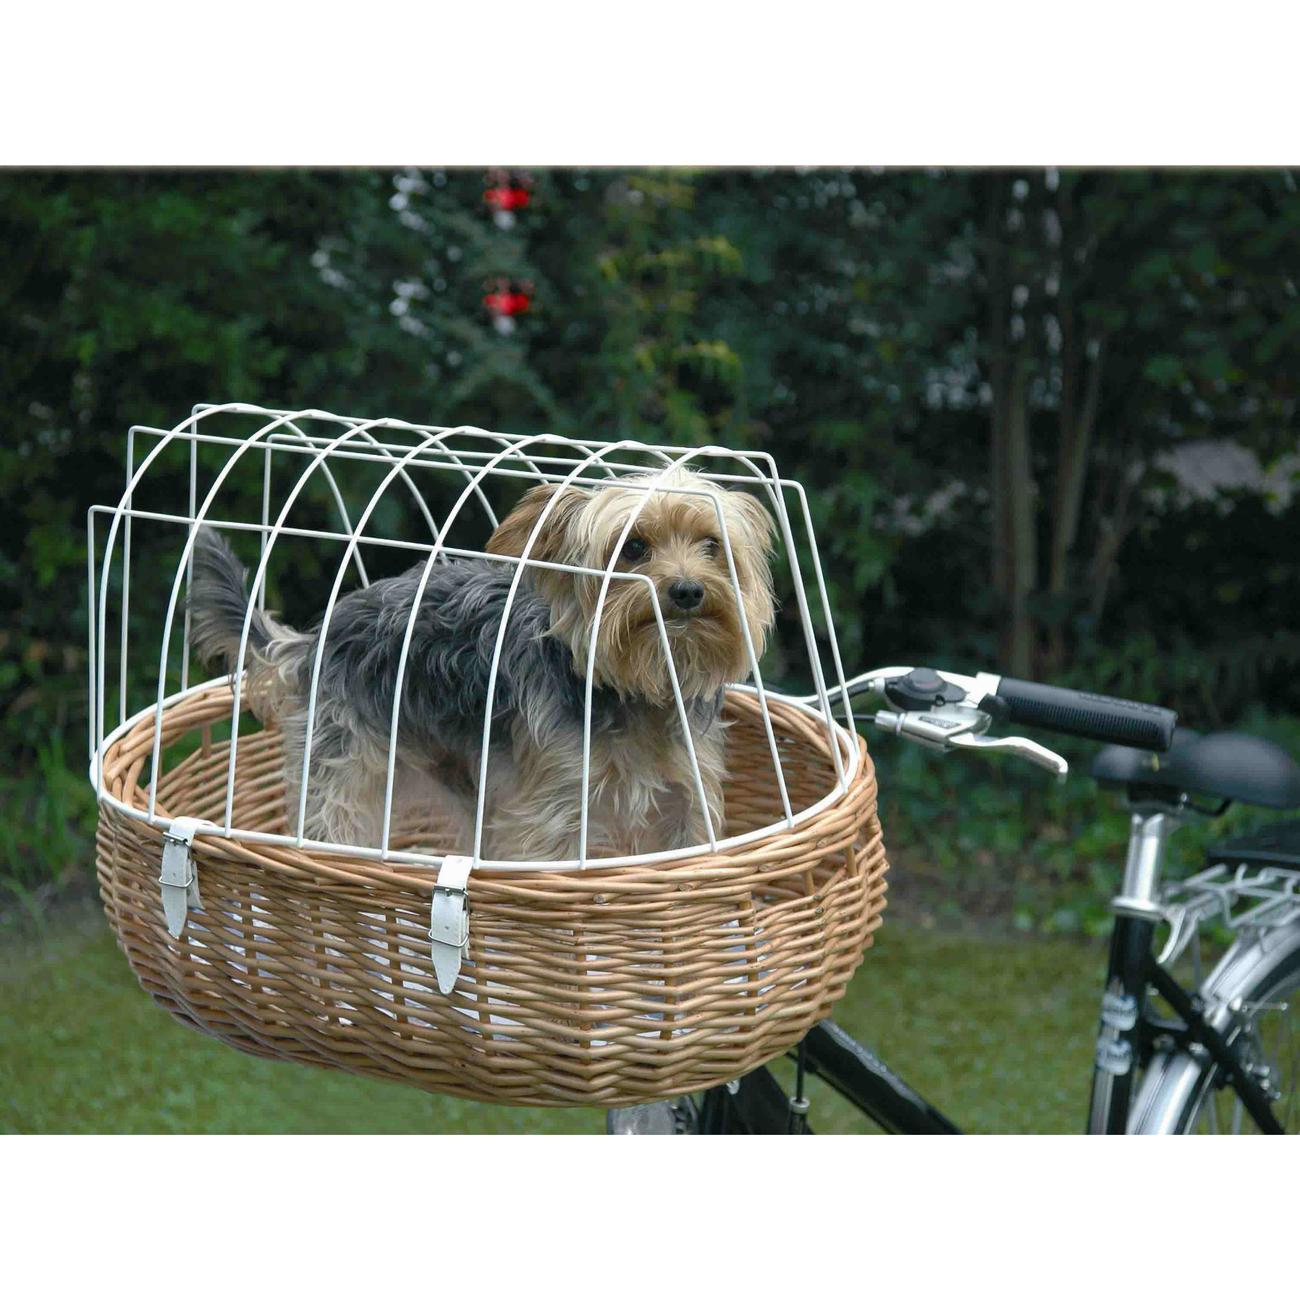 Aumüller Hundefahrradkorb Steuerkopfmontage vorne von Aumüller, Bild 6